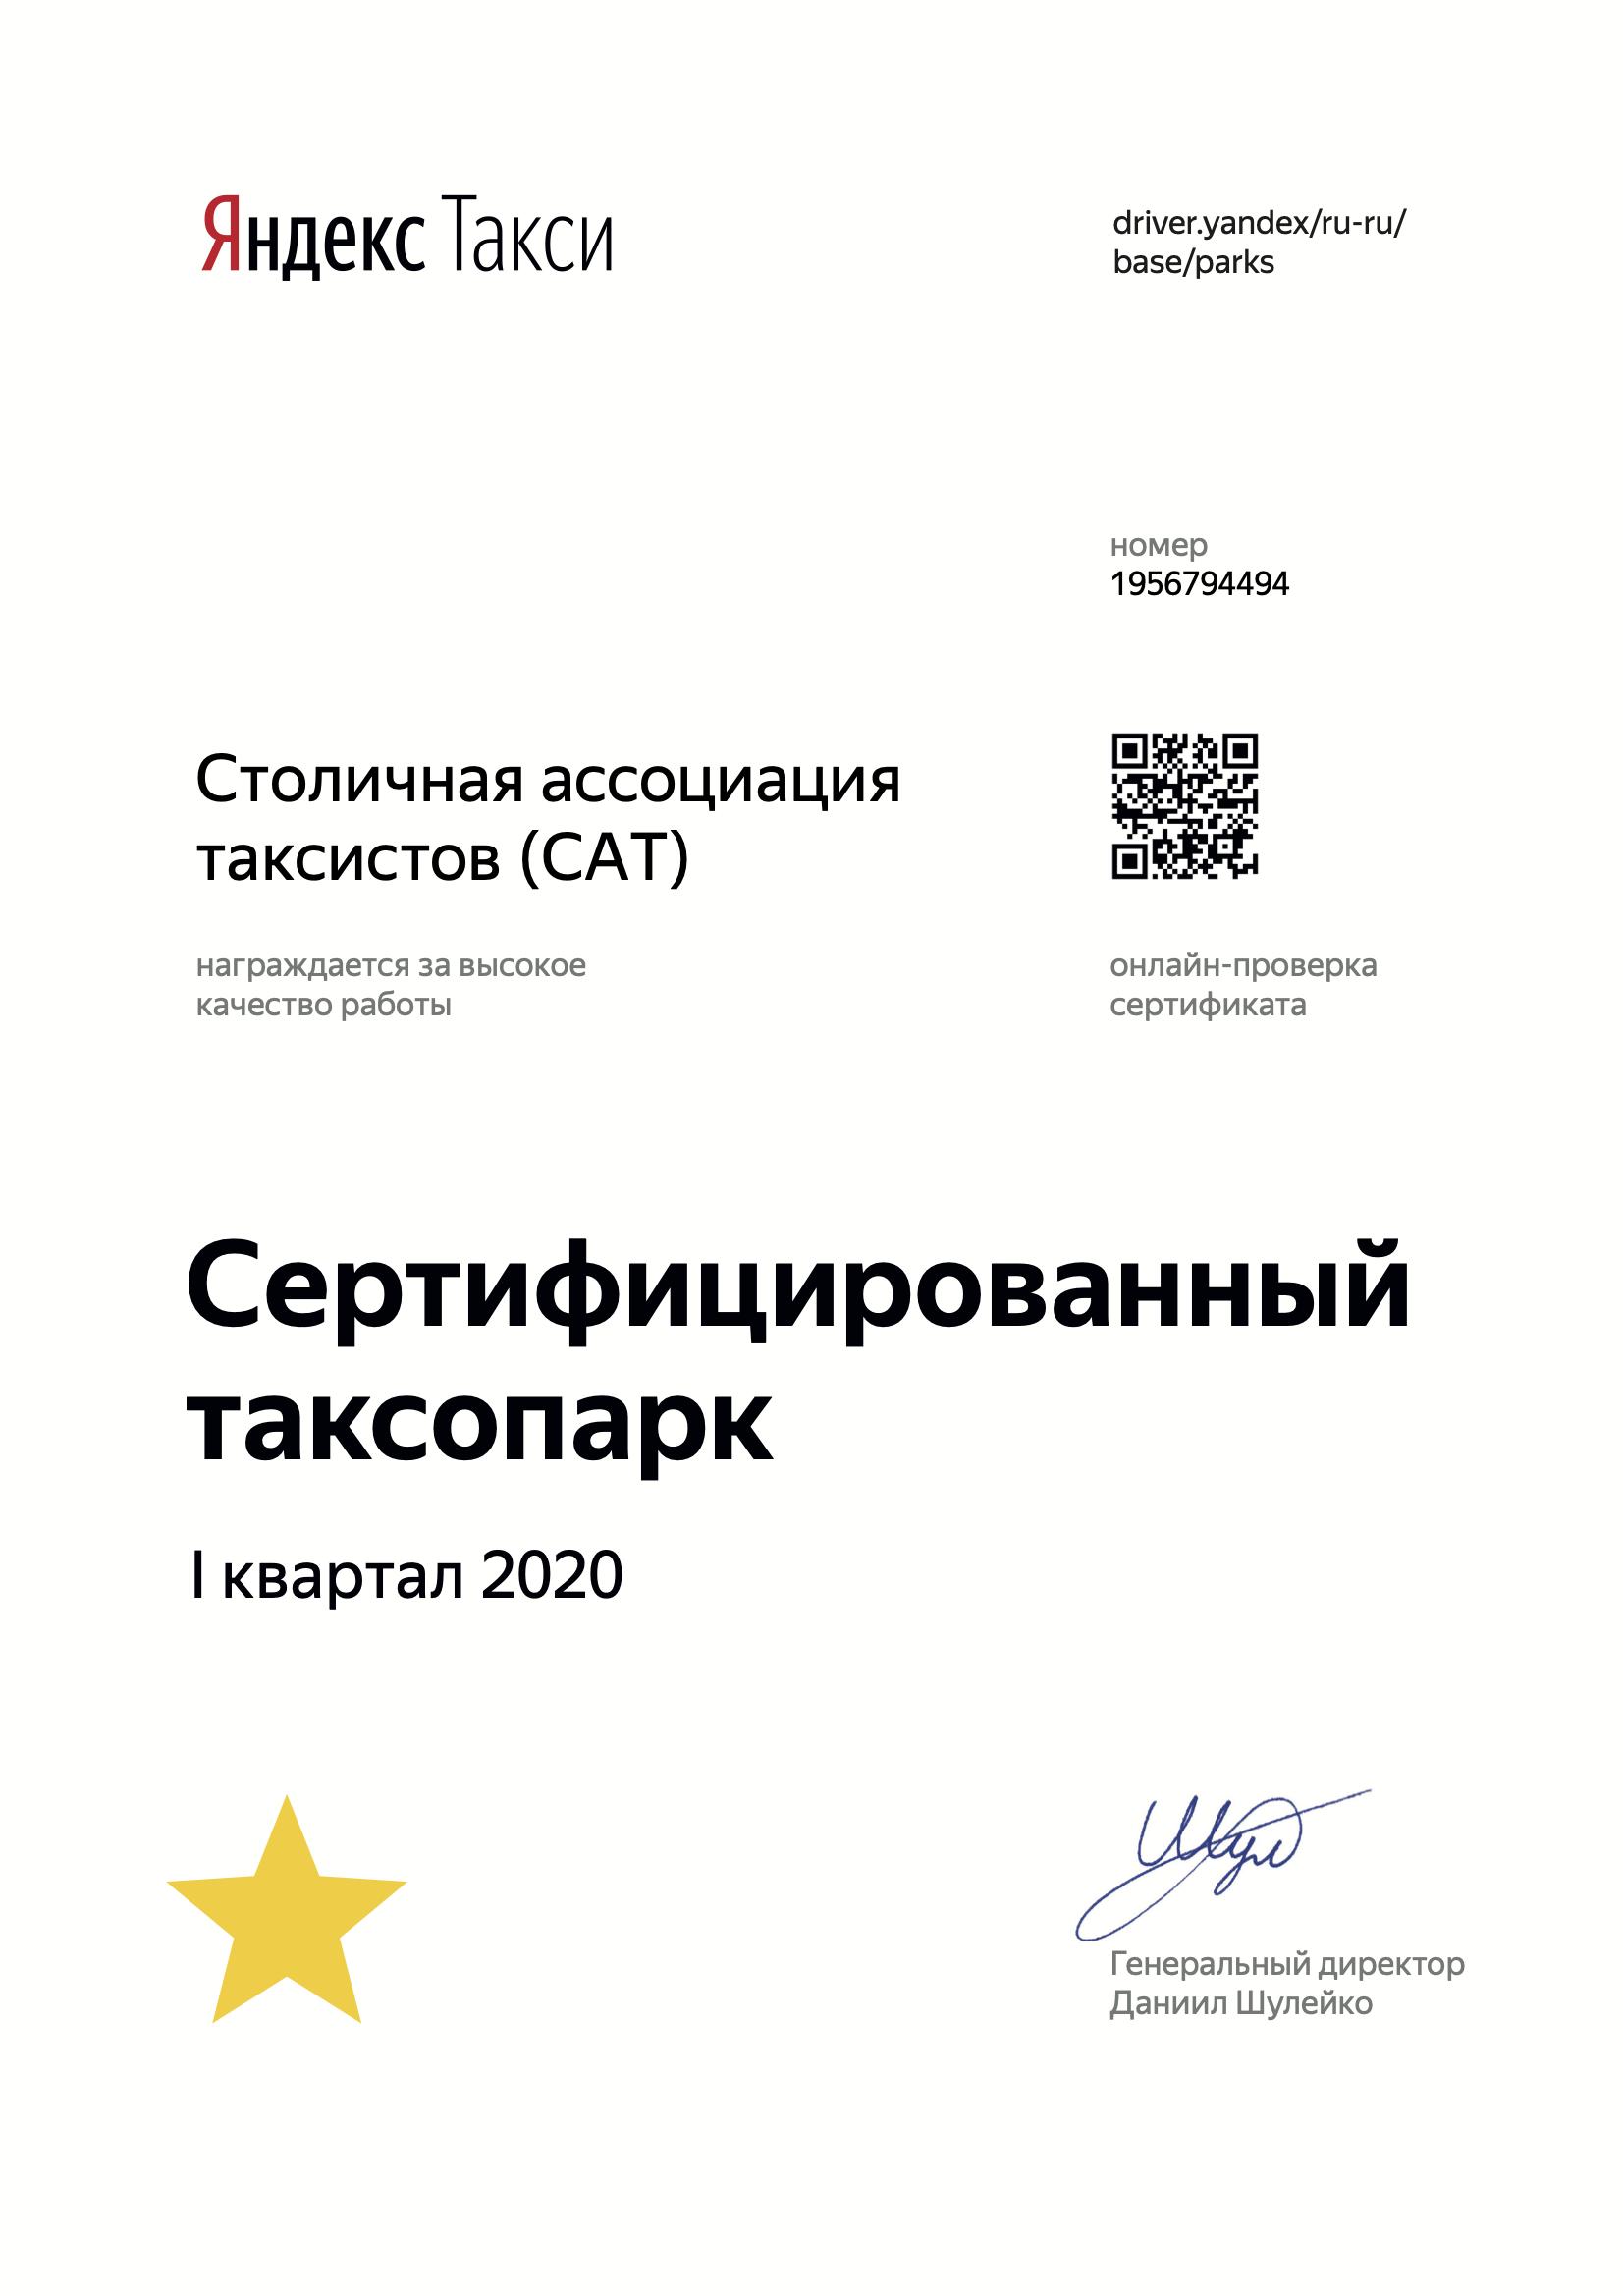 1 КВАРТАЛ 2020